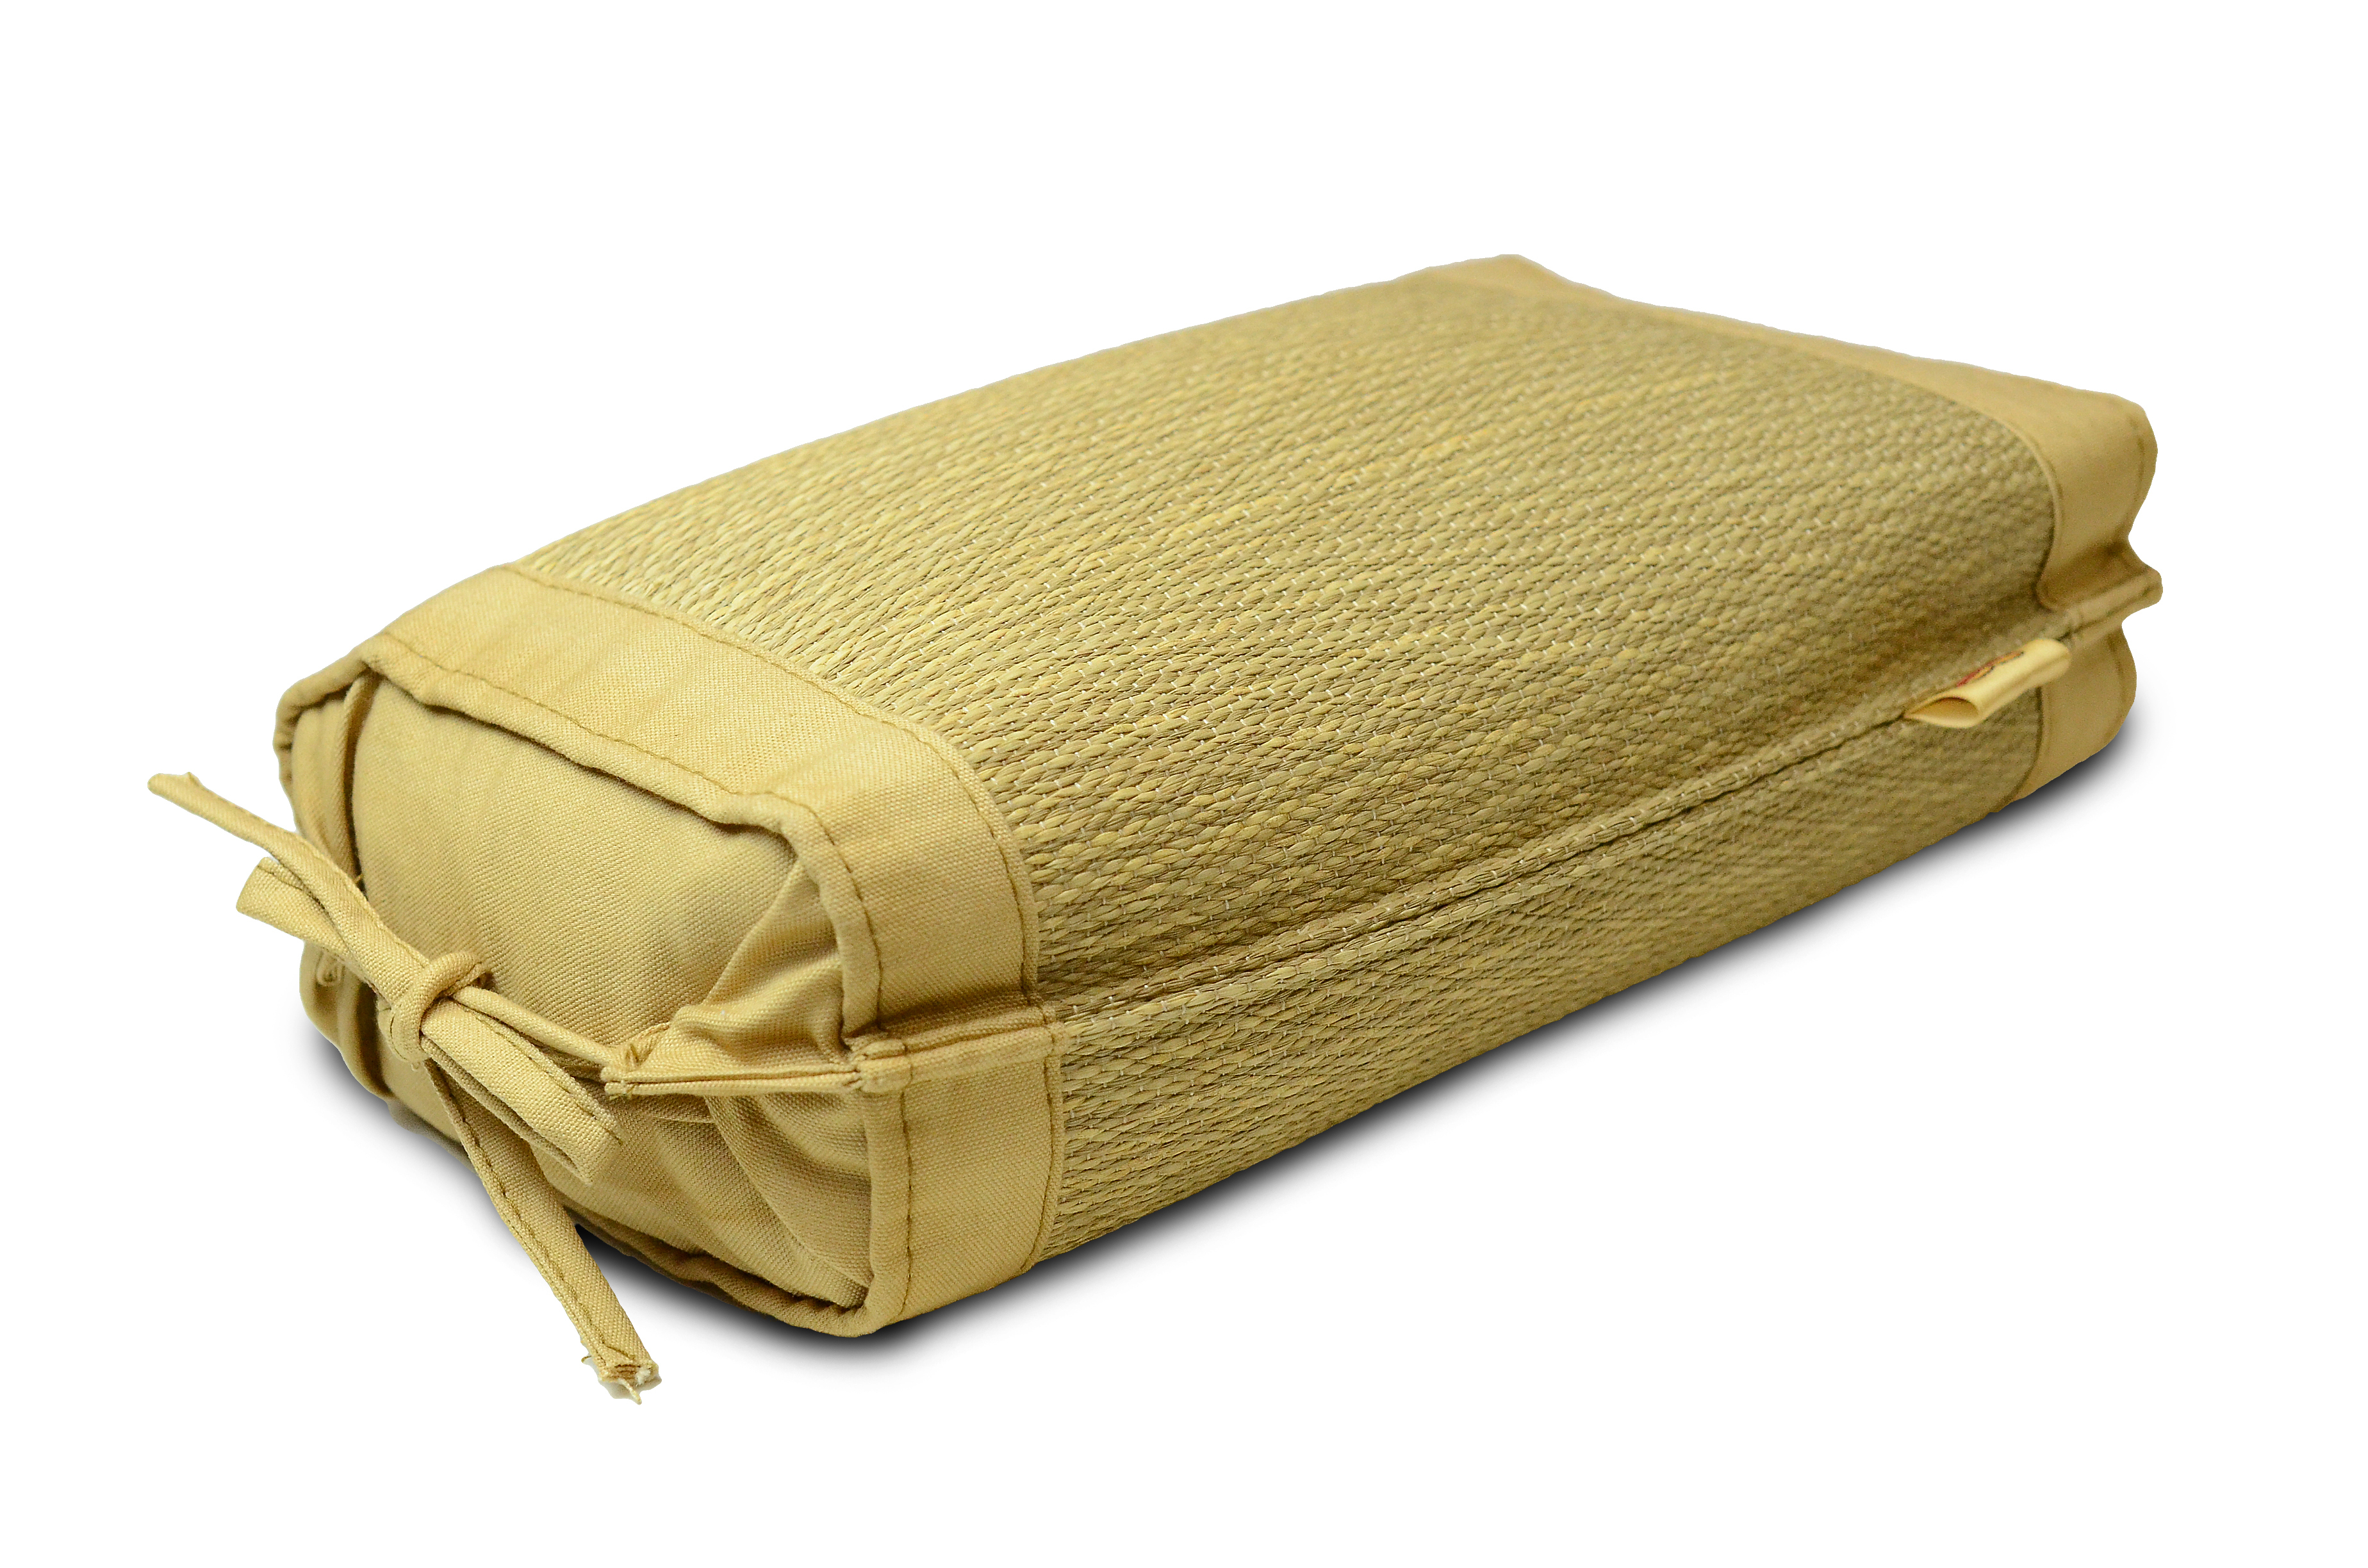 【栗毬染め 小枕】 中芯材:そば殻 柳川ブランド認定品